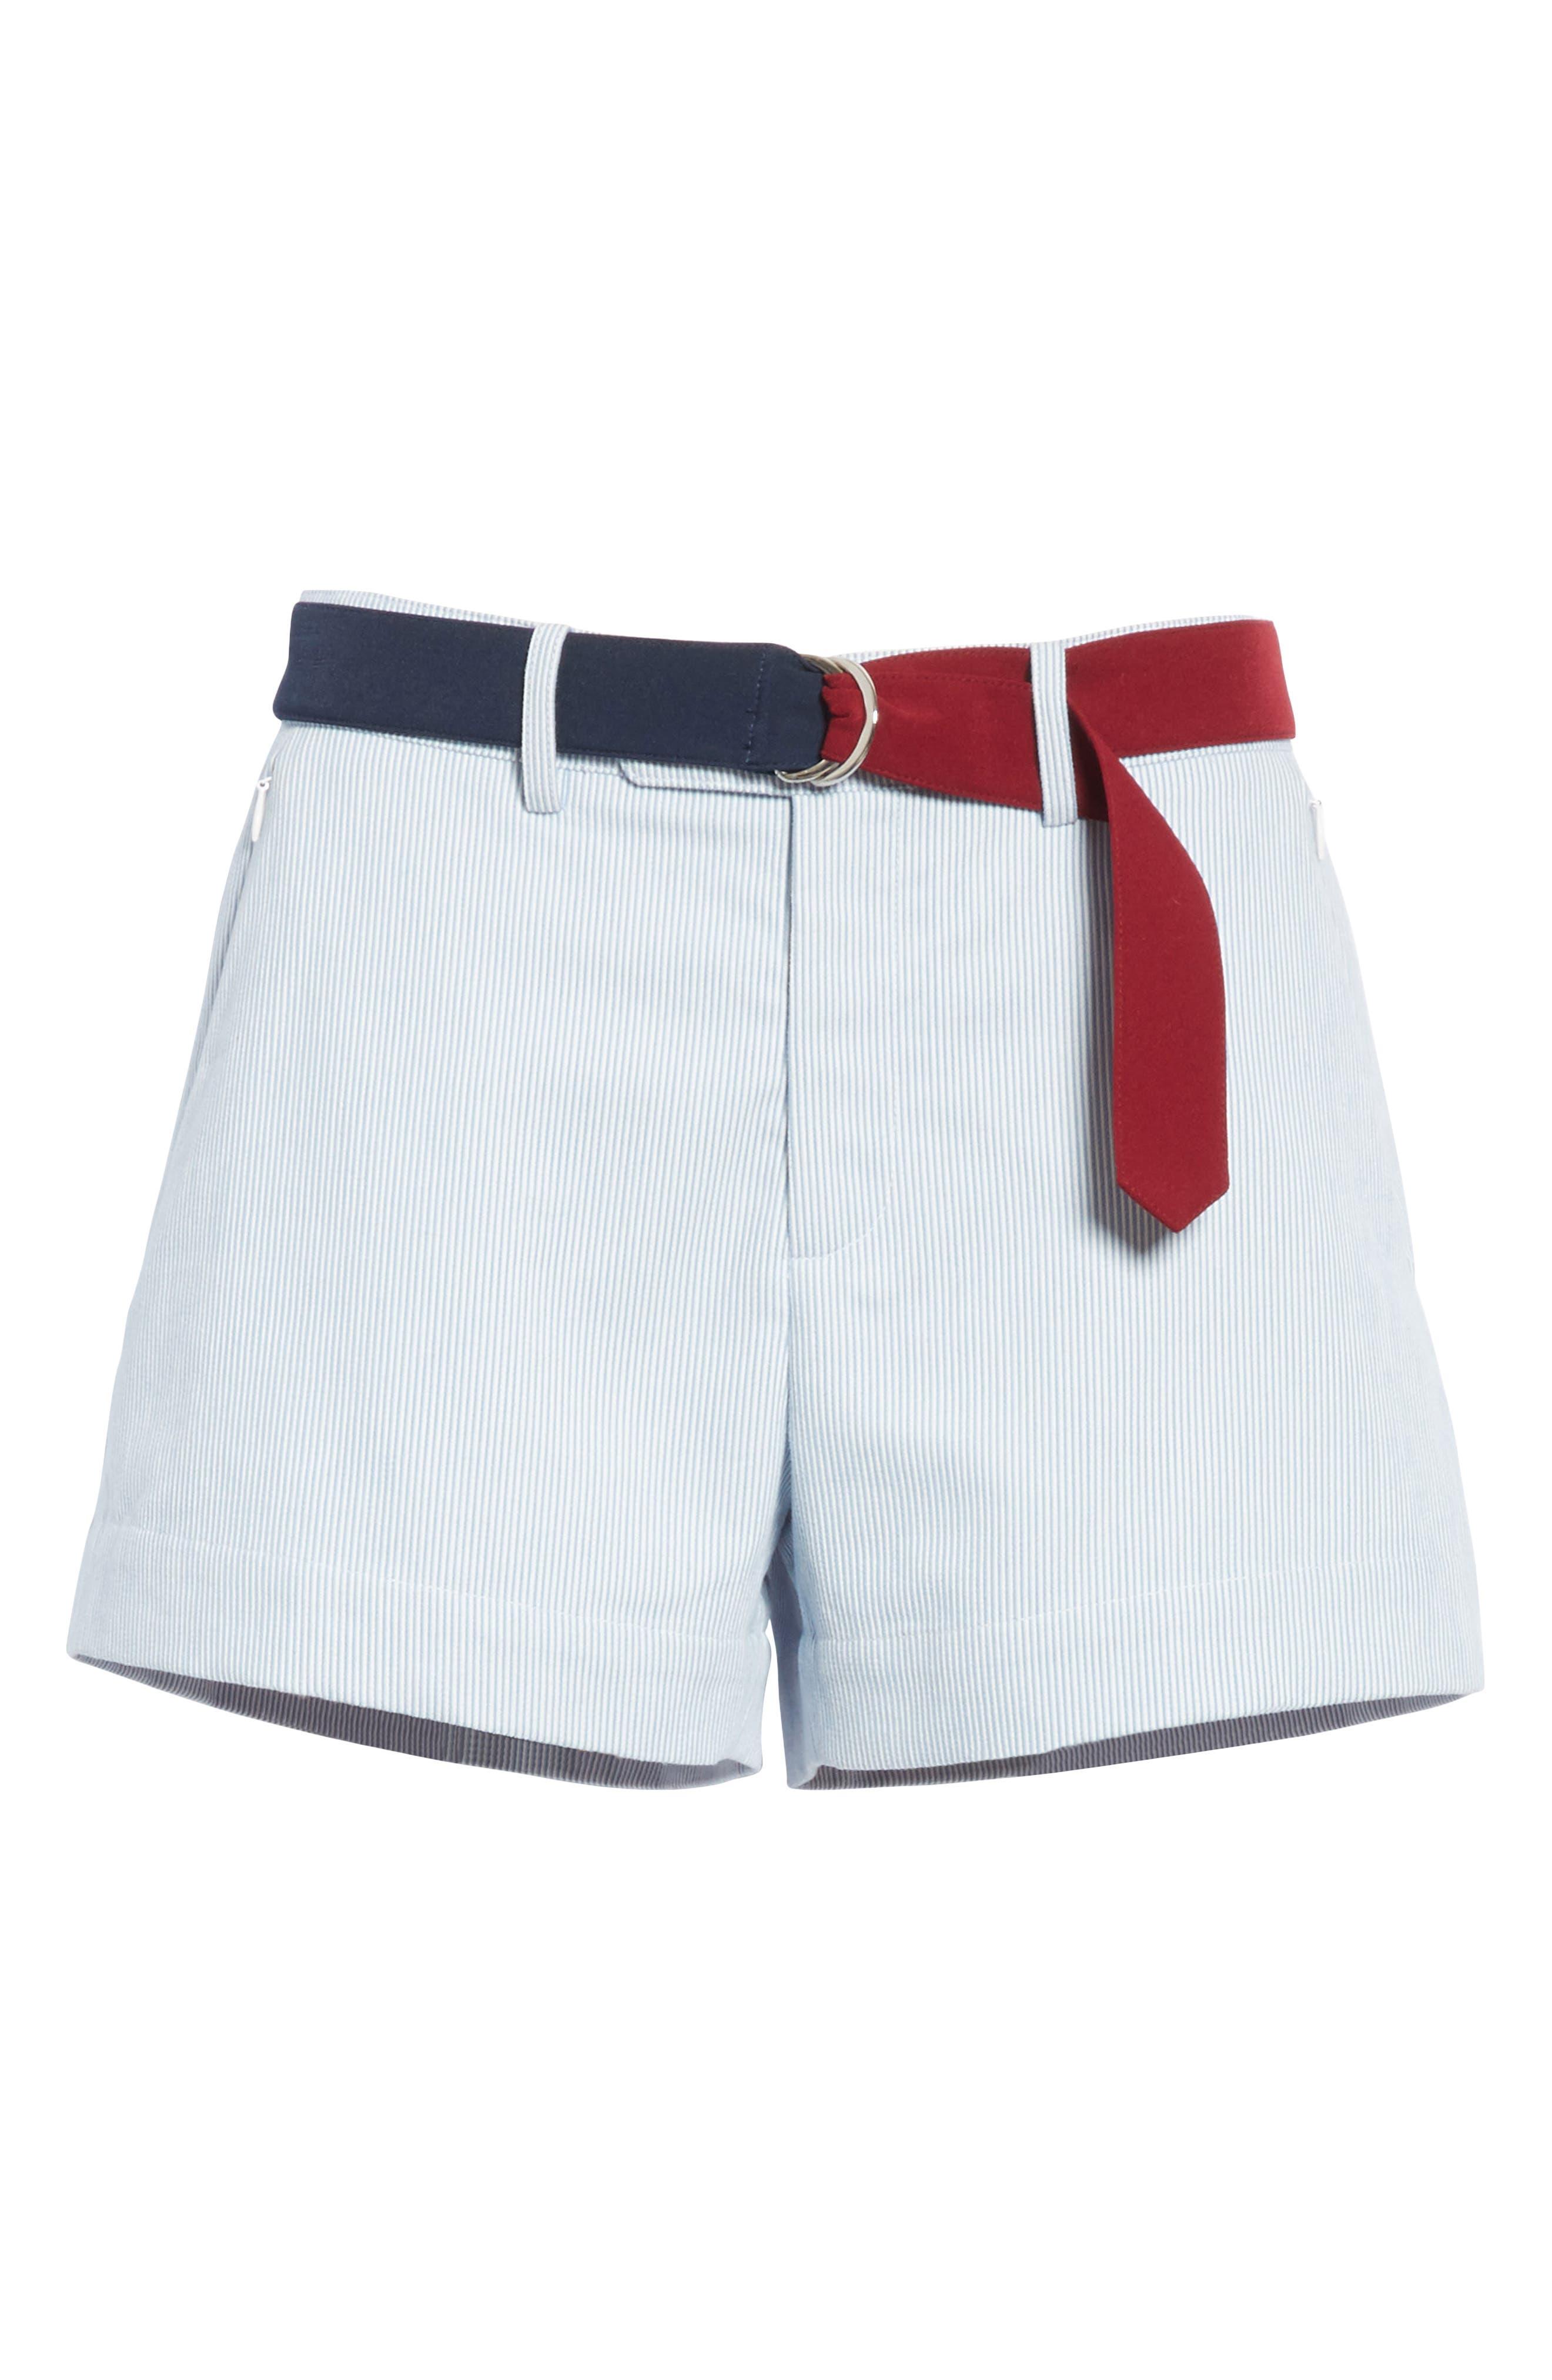 Multi Belt Shorts,                             Alternate thumbnail 6, color,                             453